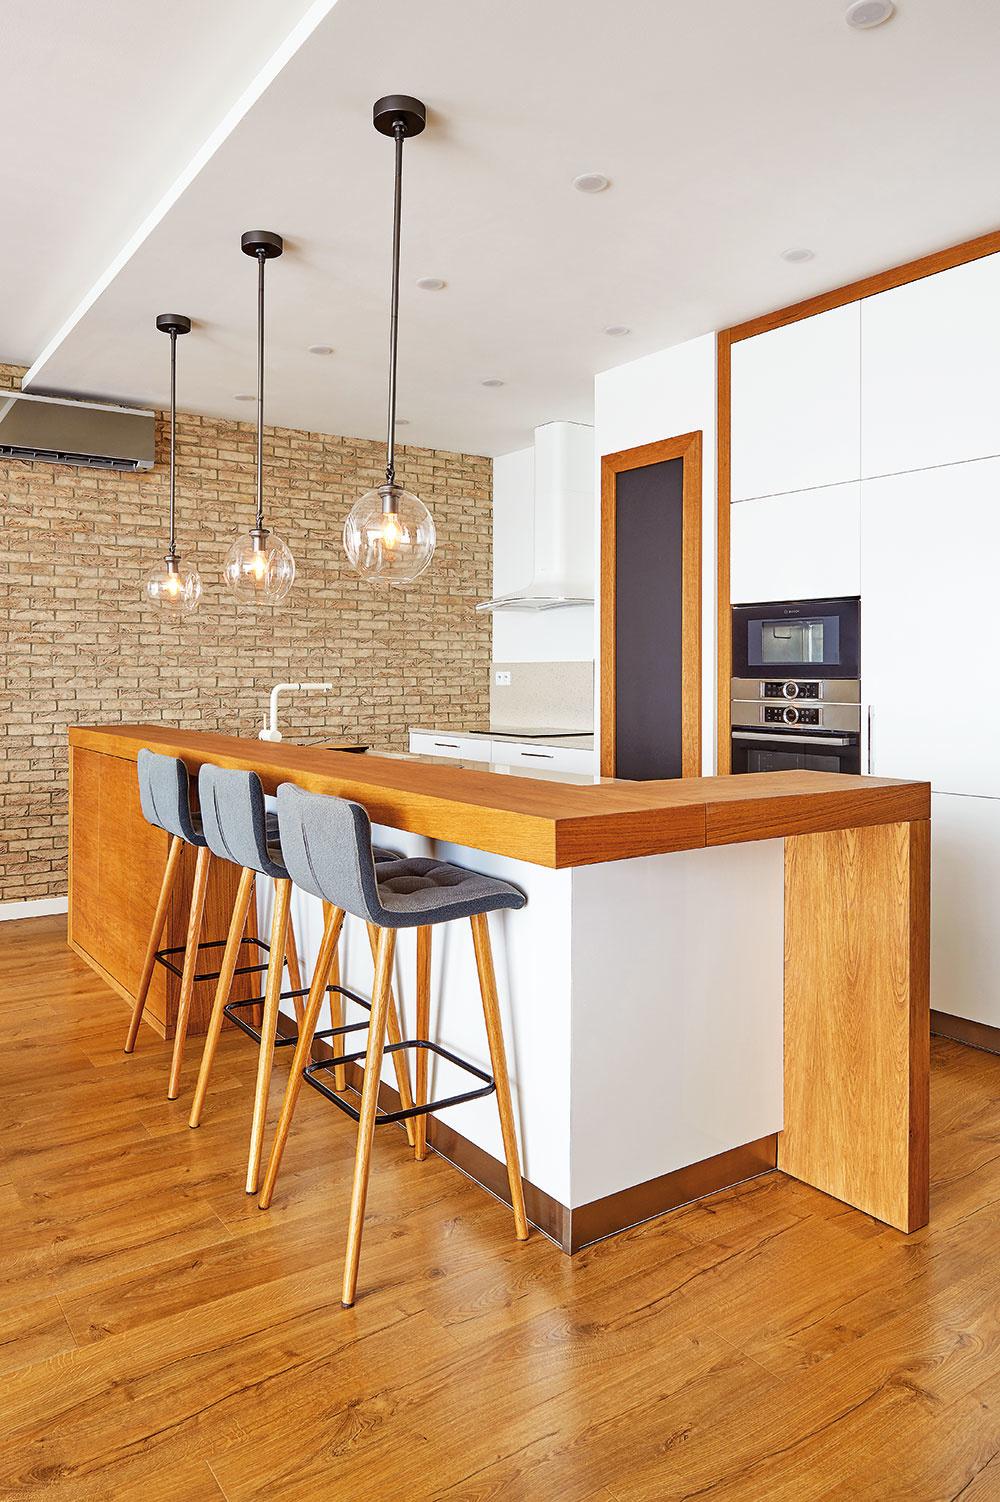 ZÁKLAD INTERIÉRU tvorí na mieru vyrábaný nábytok sčistými, jednoduchými tvarmi akombináciami bielych lesklých plôch sprírodným olejovaným dubom.